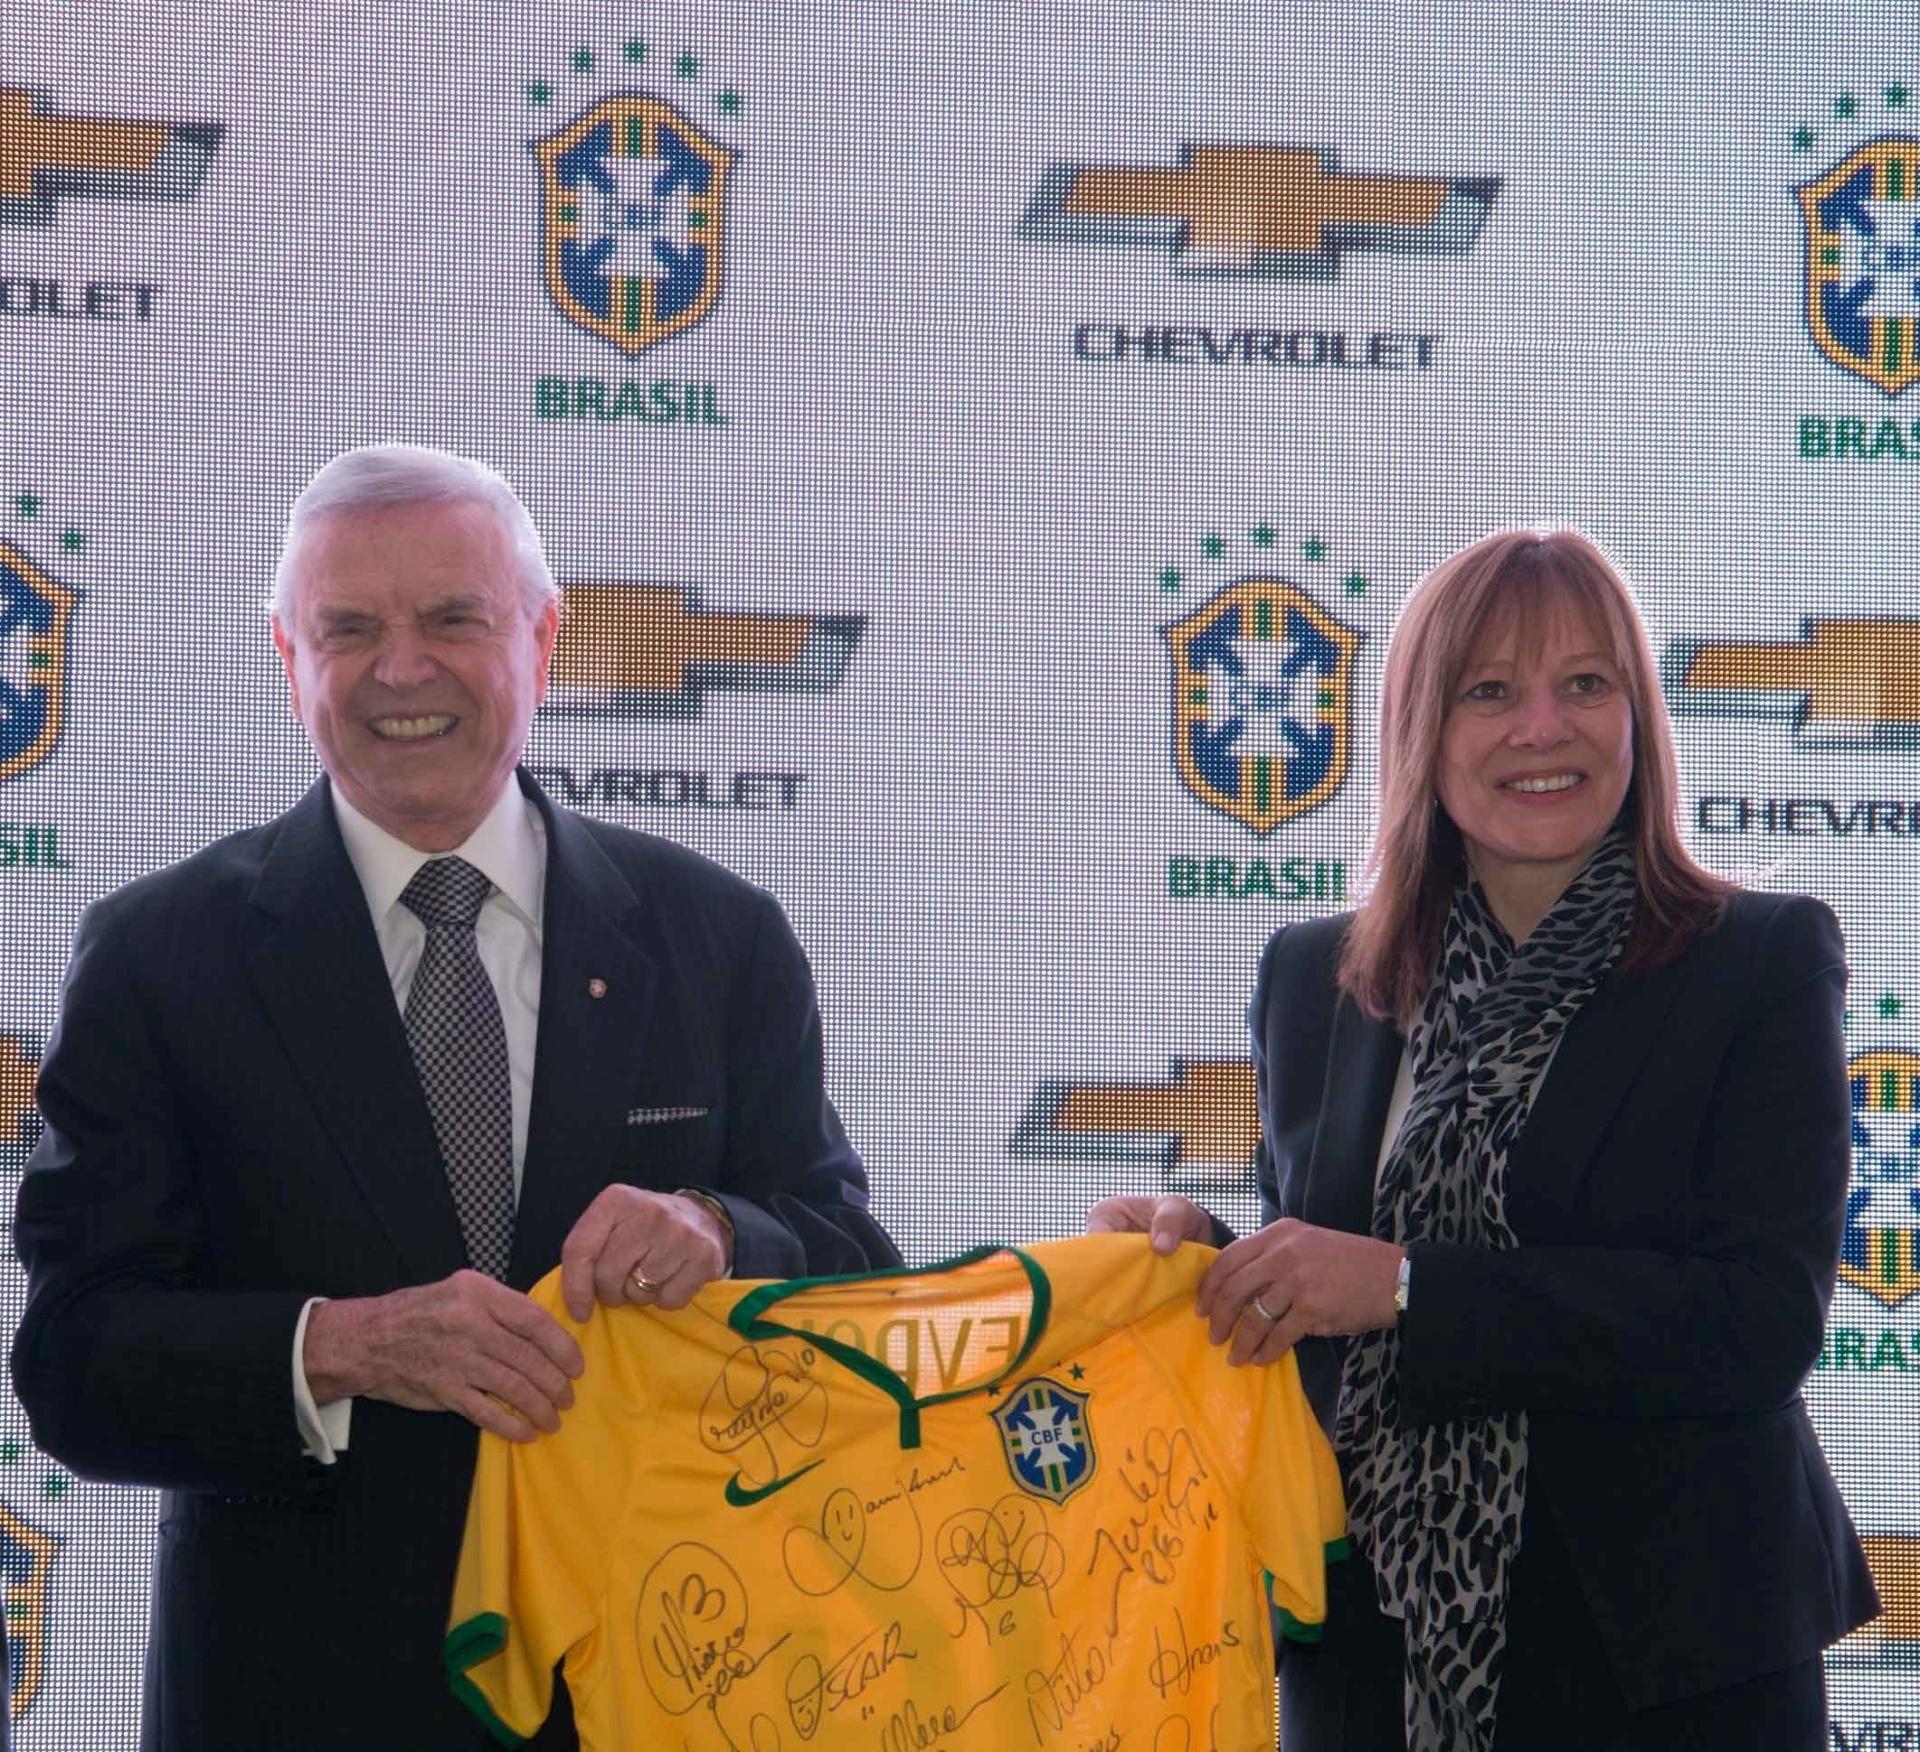 José Maria Marin participa de oficialização do contrato da CBF com Chevrolet. Presidente da CBF e Mary Barra, CEO da General Motors